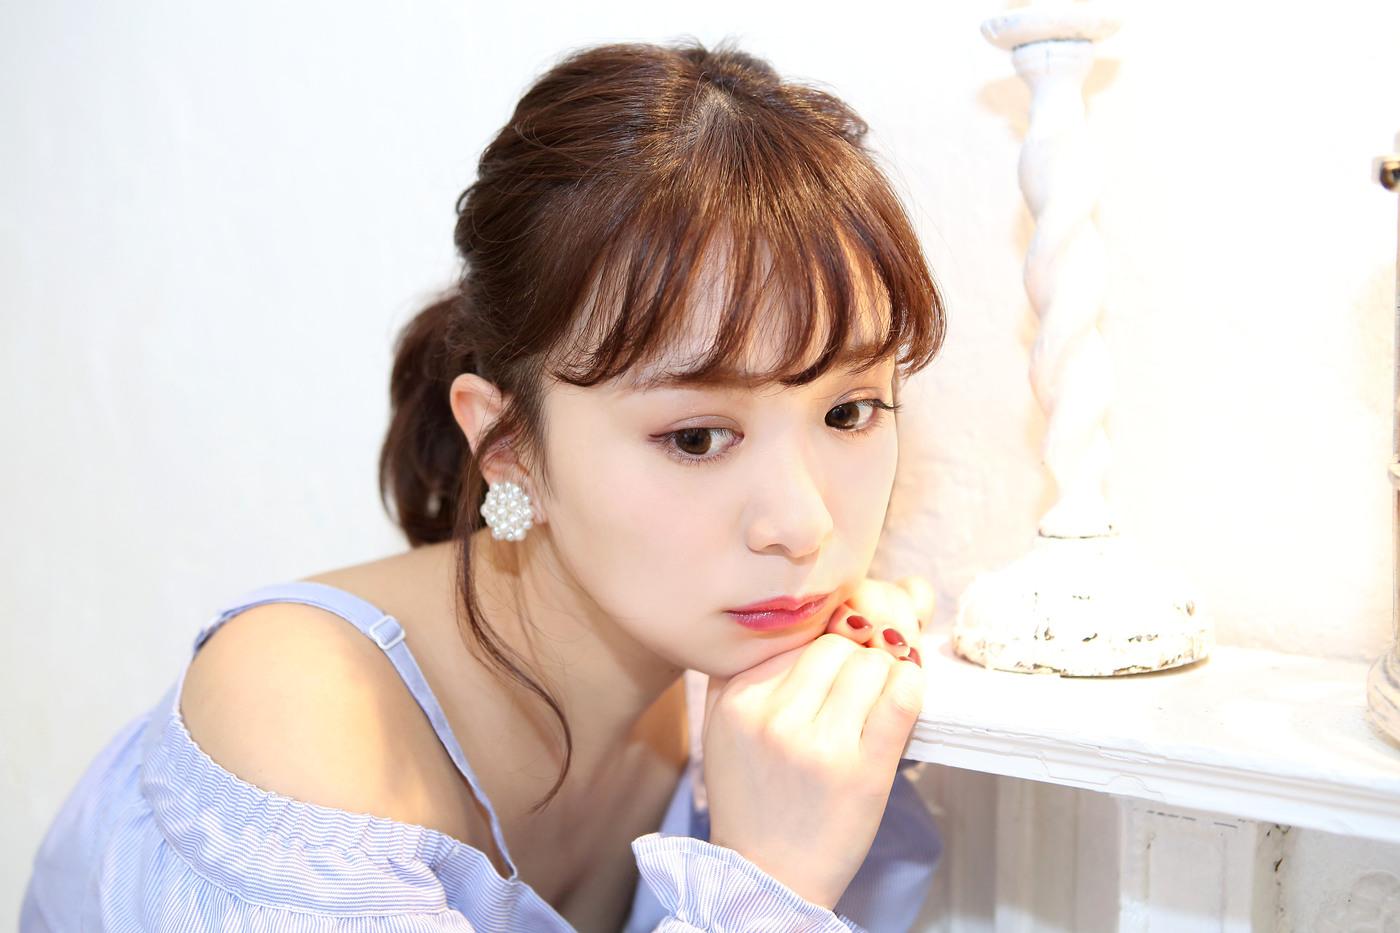 平松可奈子ちゃんの美容法♡変わらない可愛さと強いメンタルの秘密の14枚目の画像